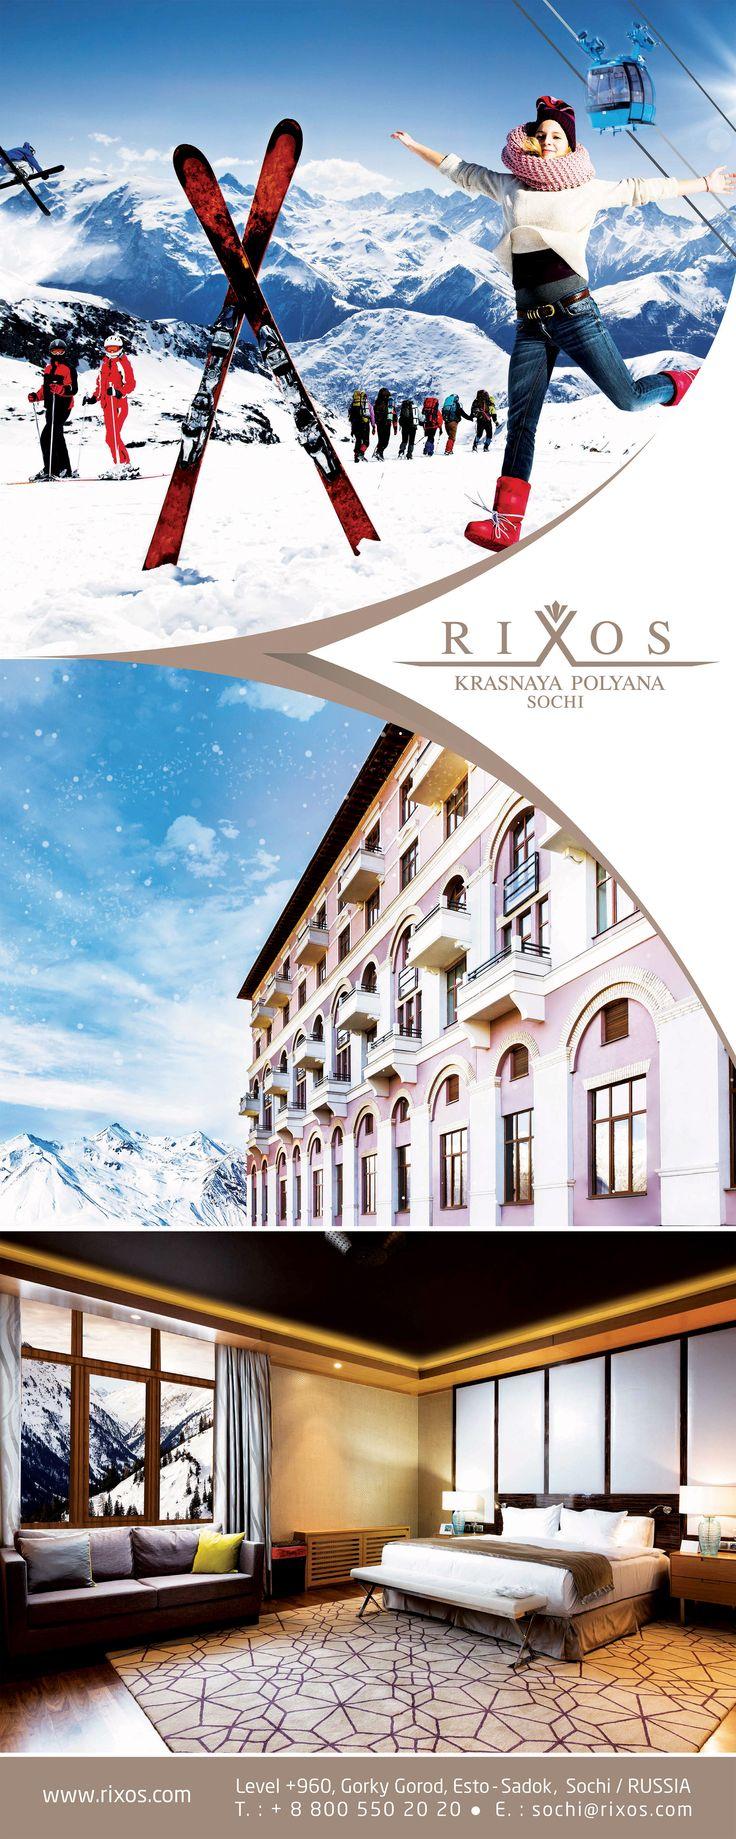 White Season at Rixos Krasnaya Polyana Sochi